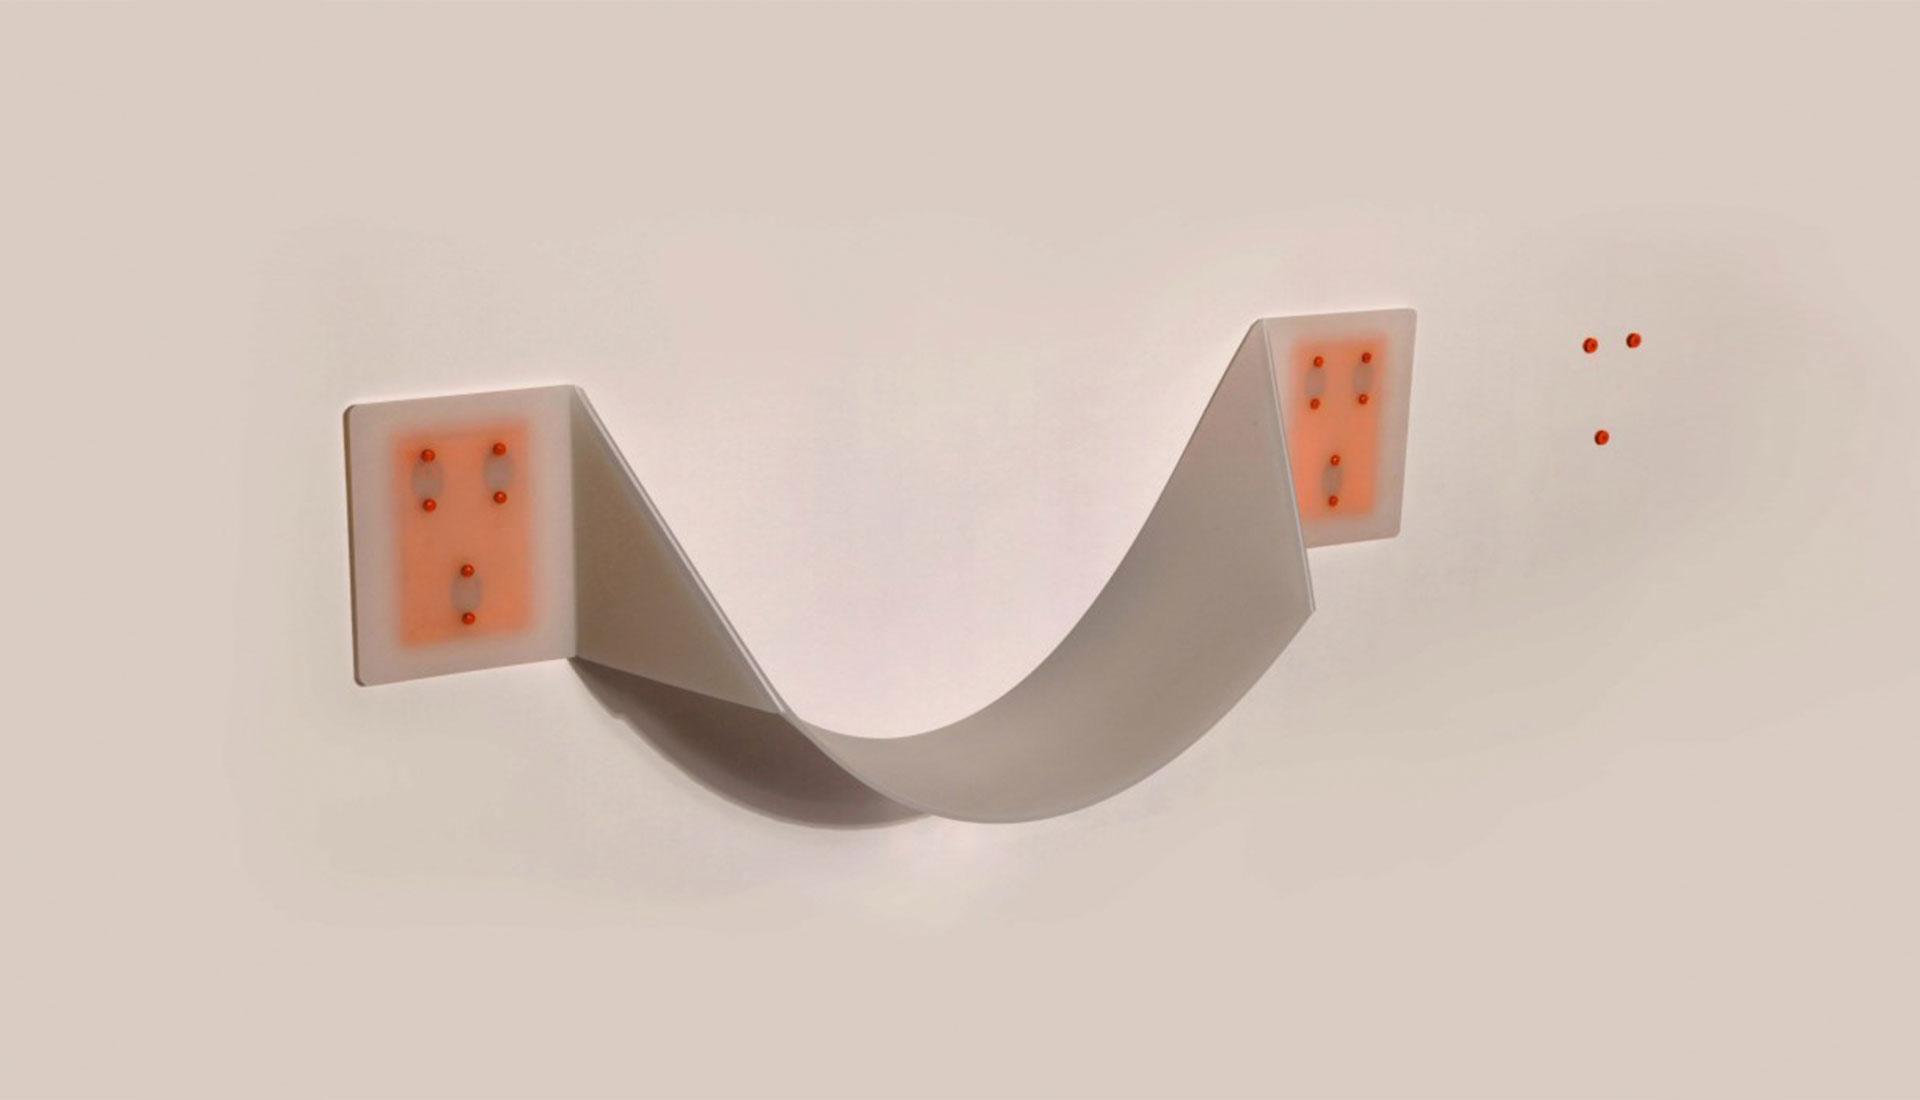 Универсальный стул для любых пространств